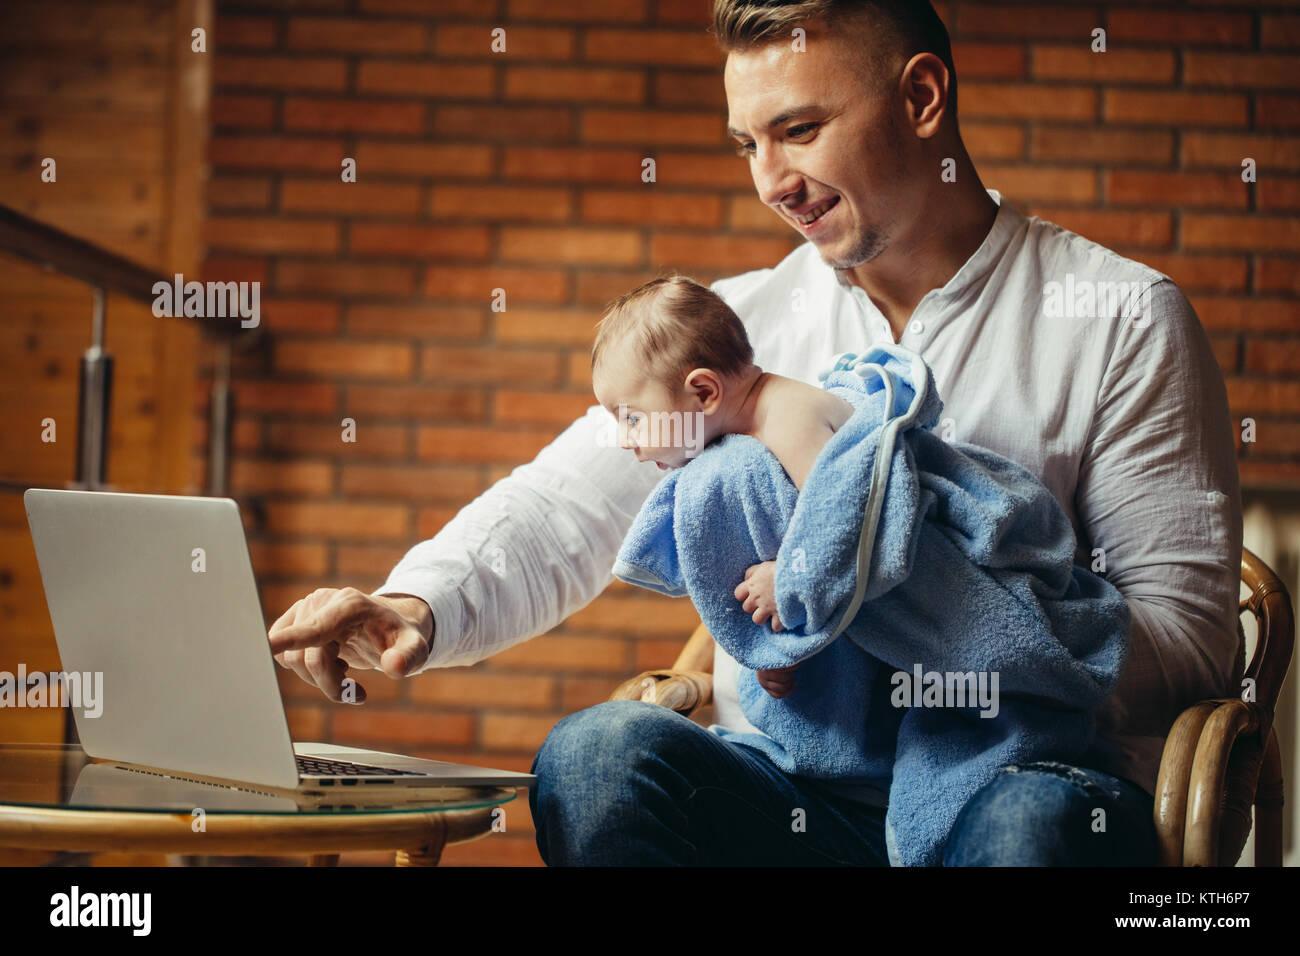 Padre con il neonato a lavorare da casa utilizzando Laptop Immagini Stock